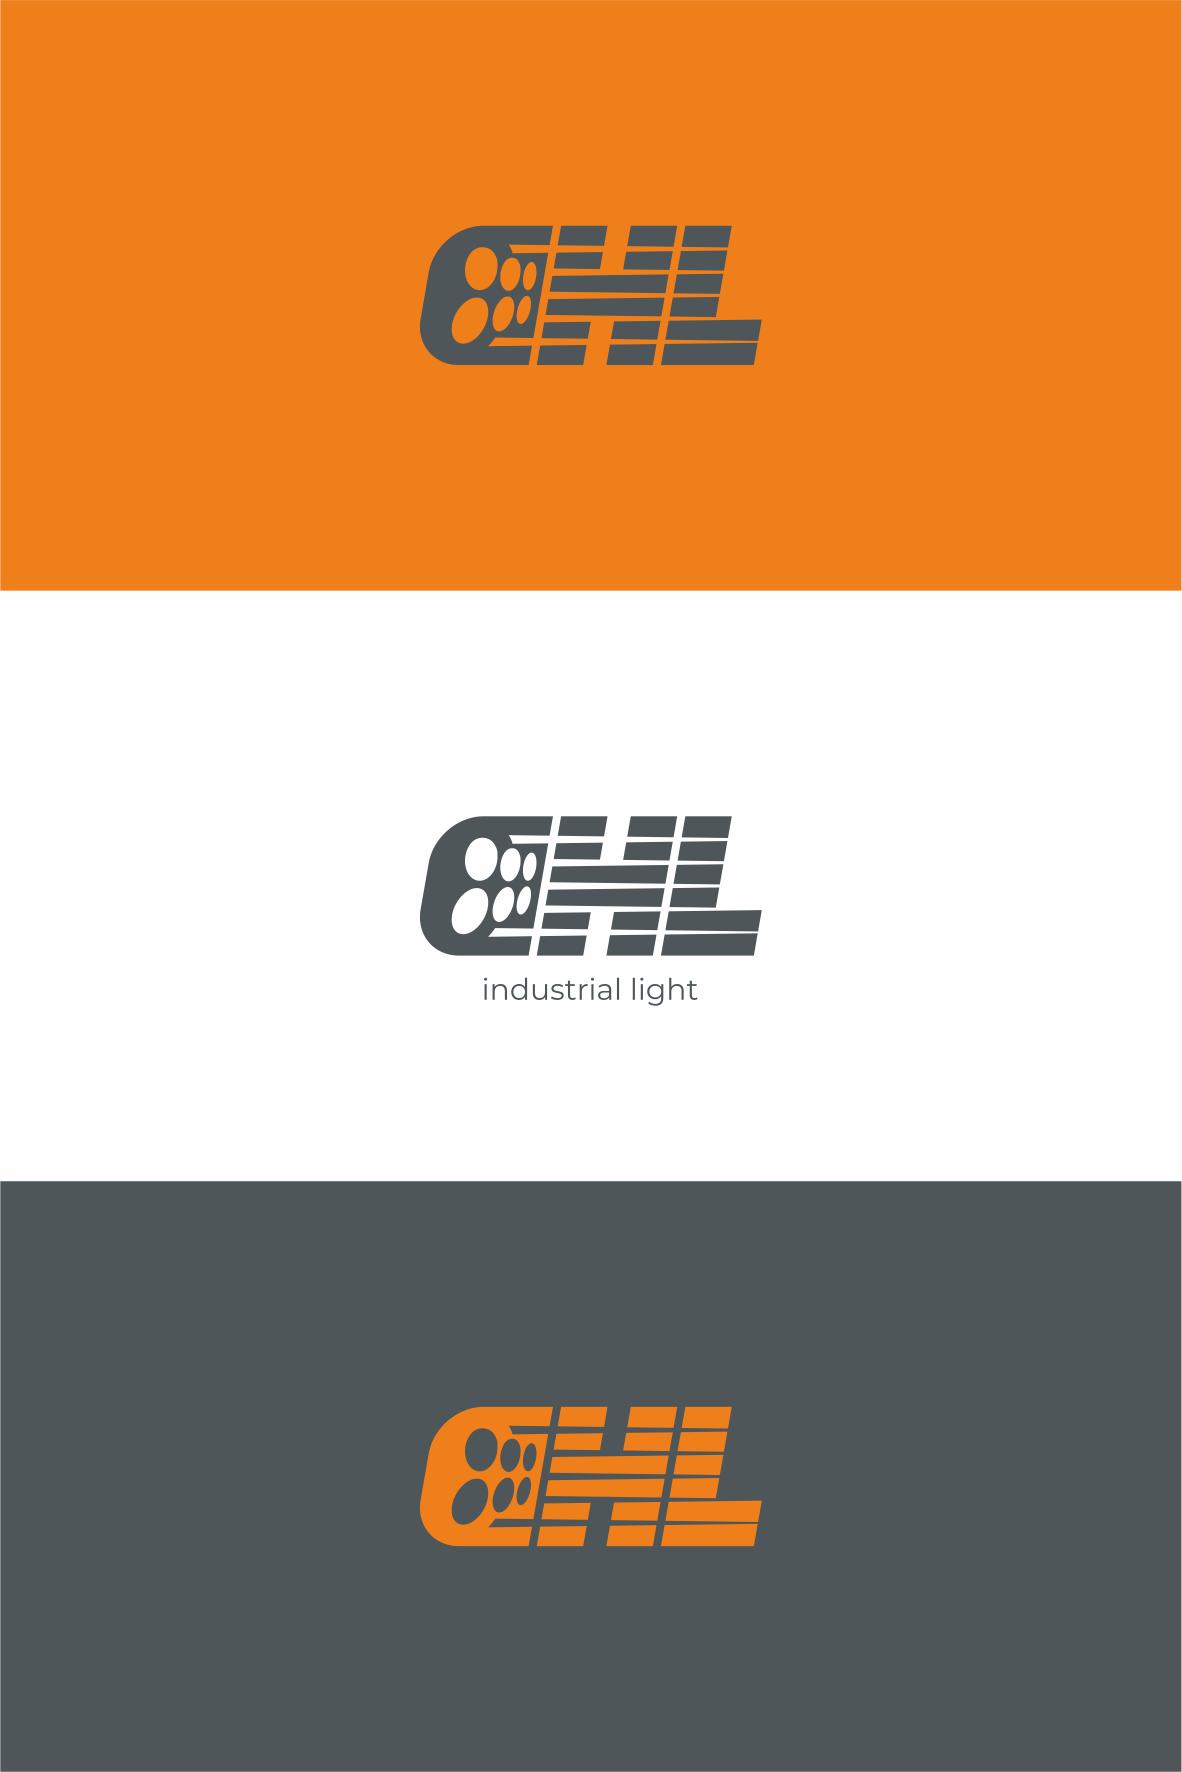 разработка логотипа для производителя фар фото f_2345f5b587e4fc39.png